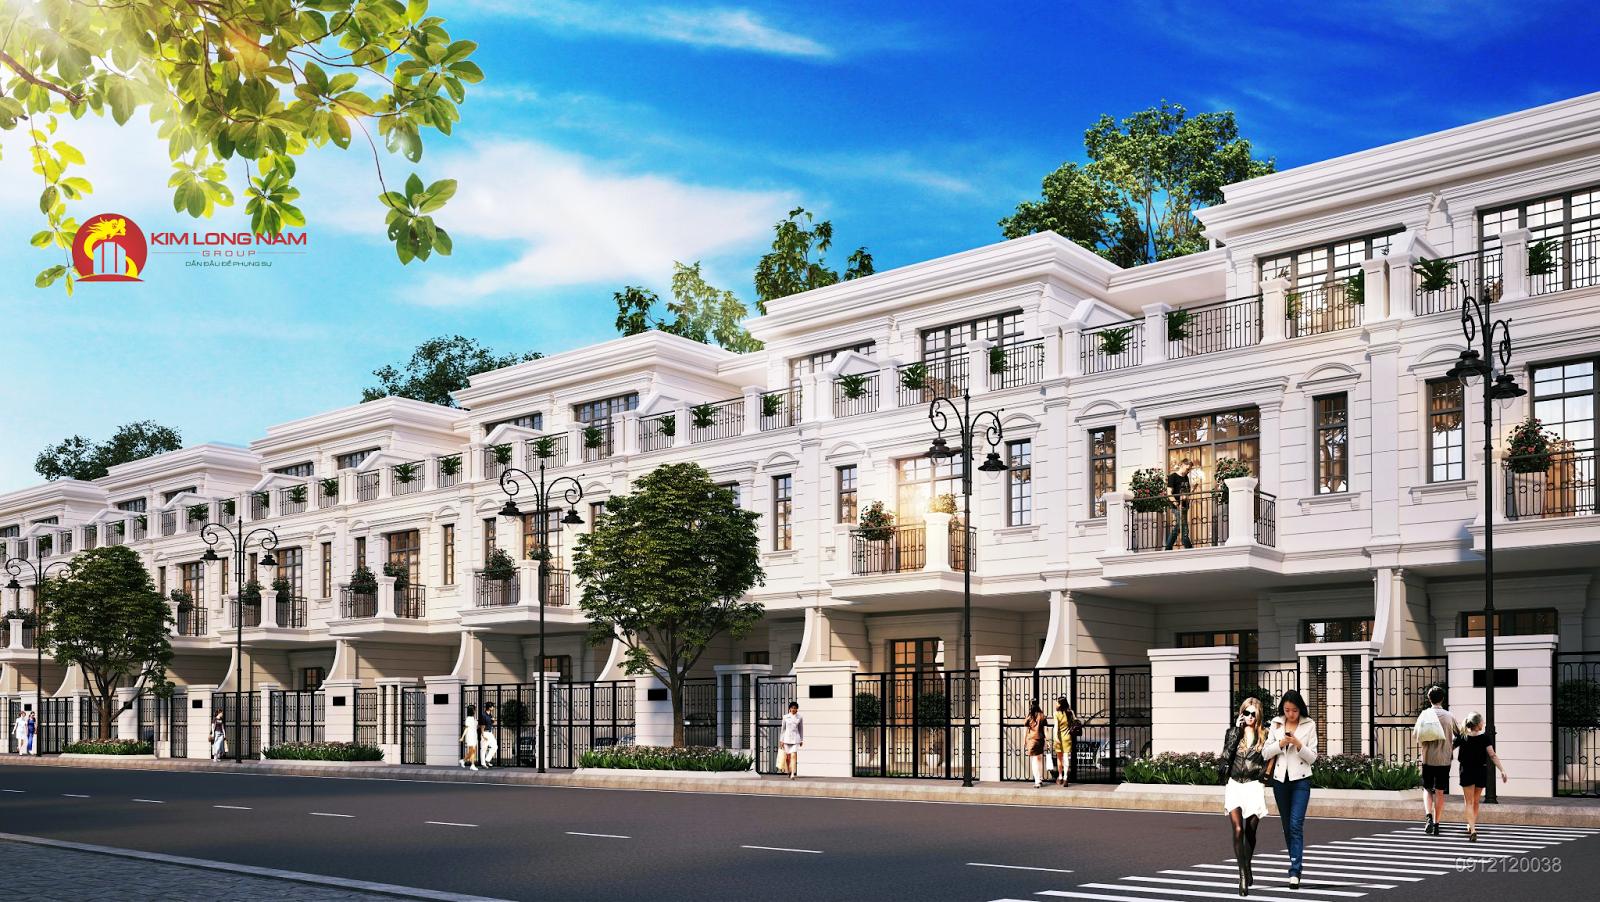 Liền kề dự án Kim Long Ocean Thuận Phước